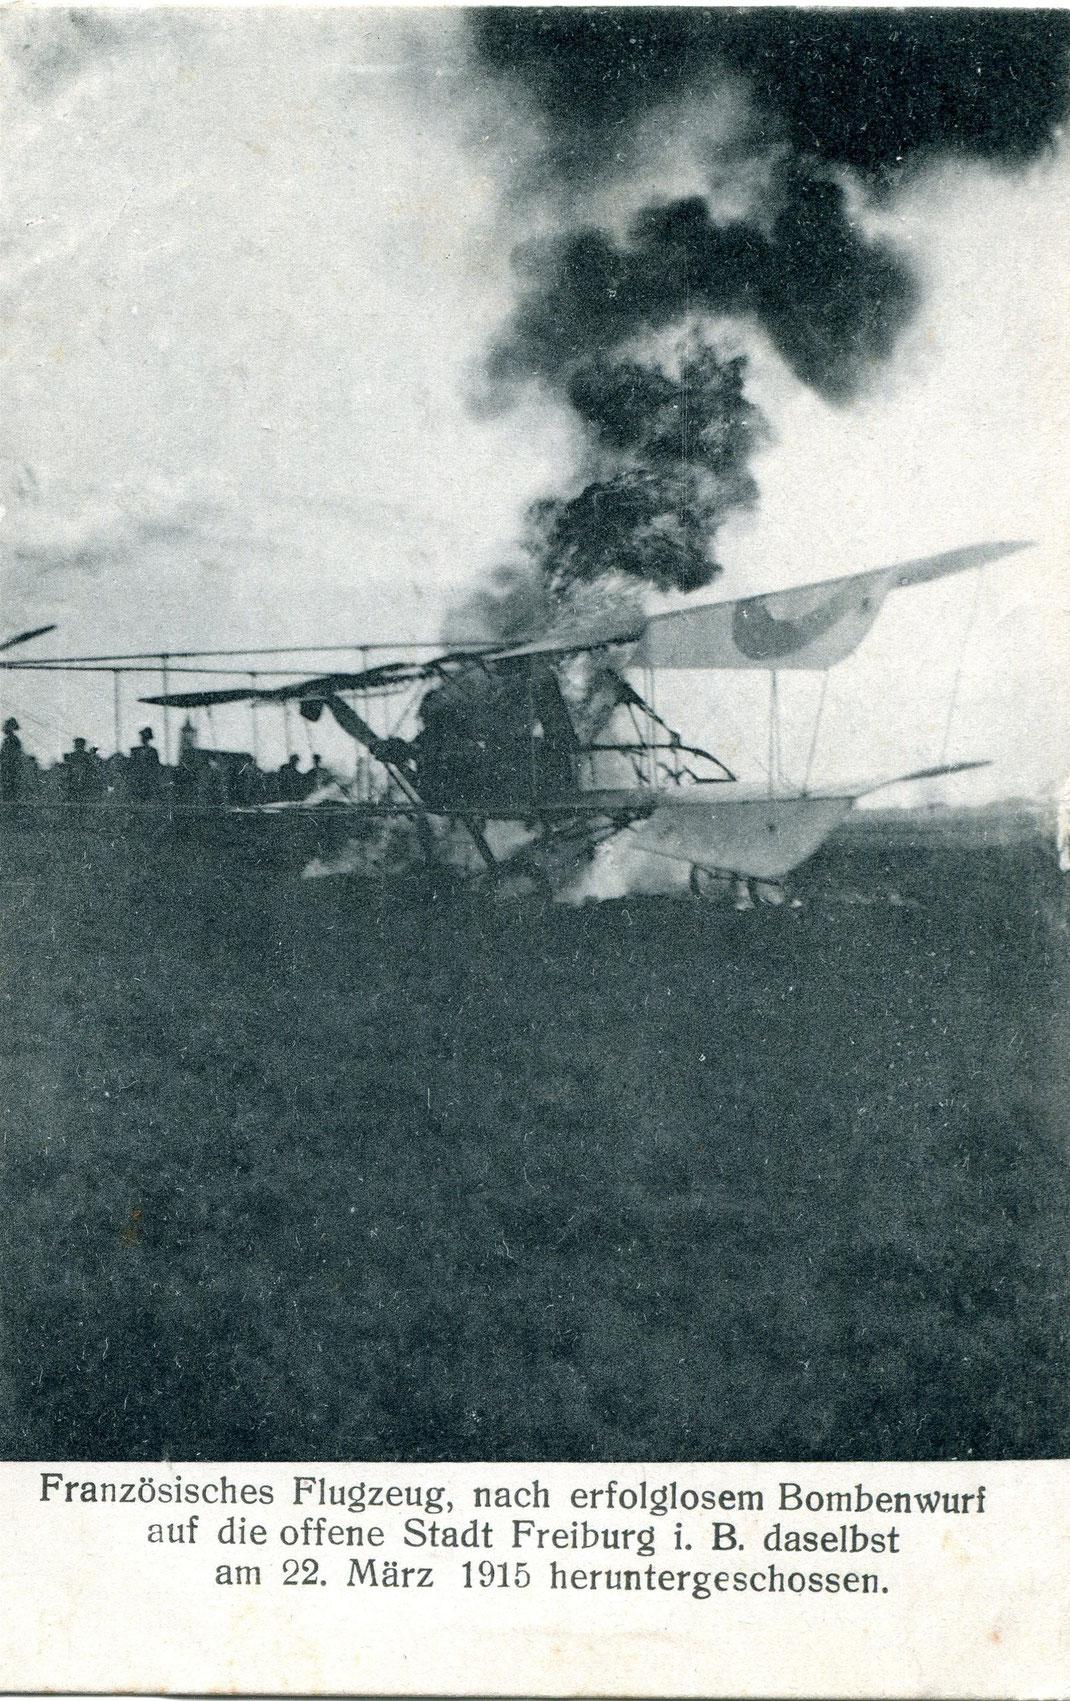 Abgeschossenes Französisches Flugzeug (Bild: Archiv Oehler)